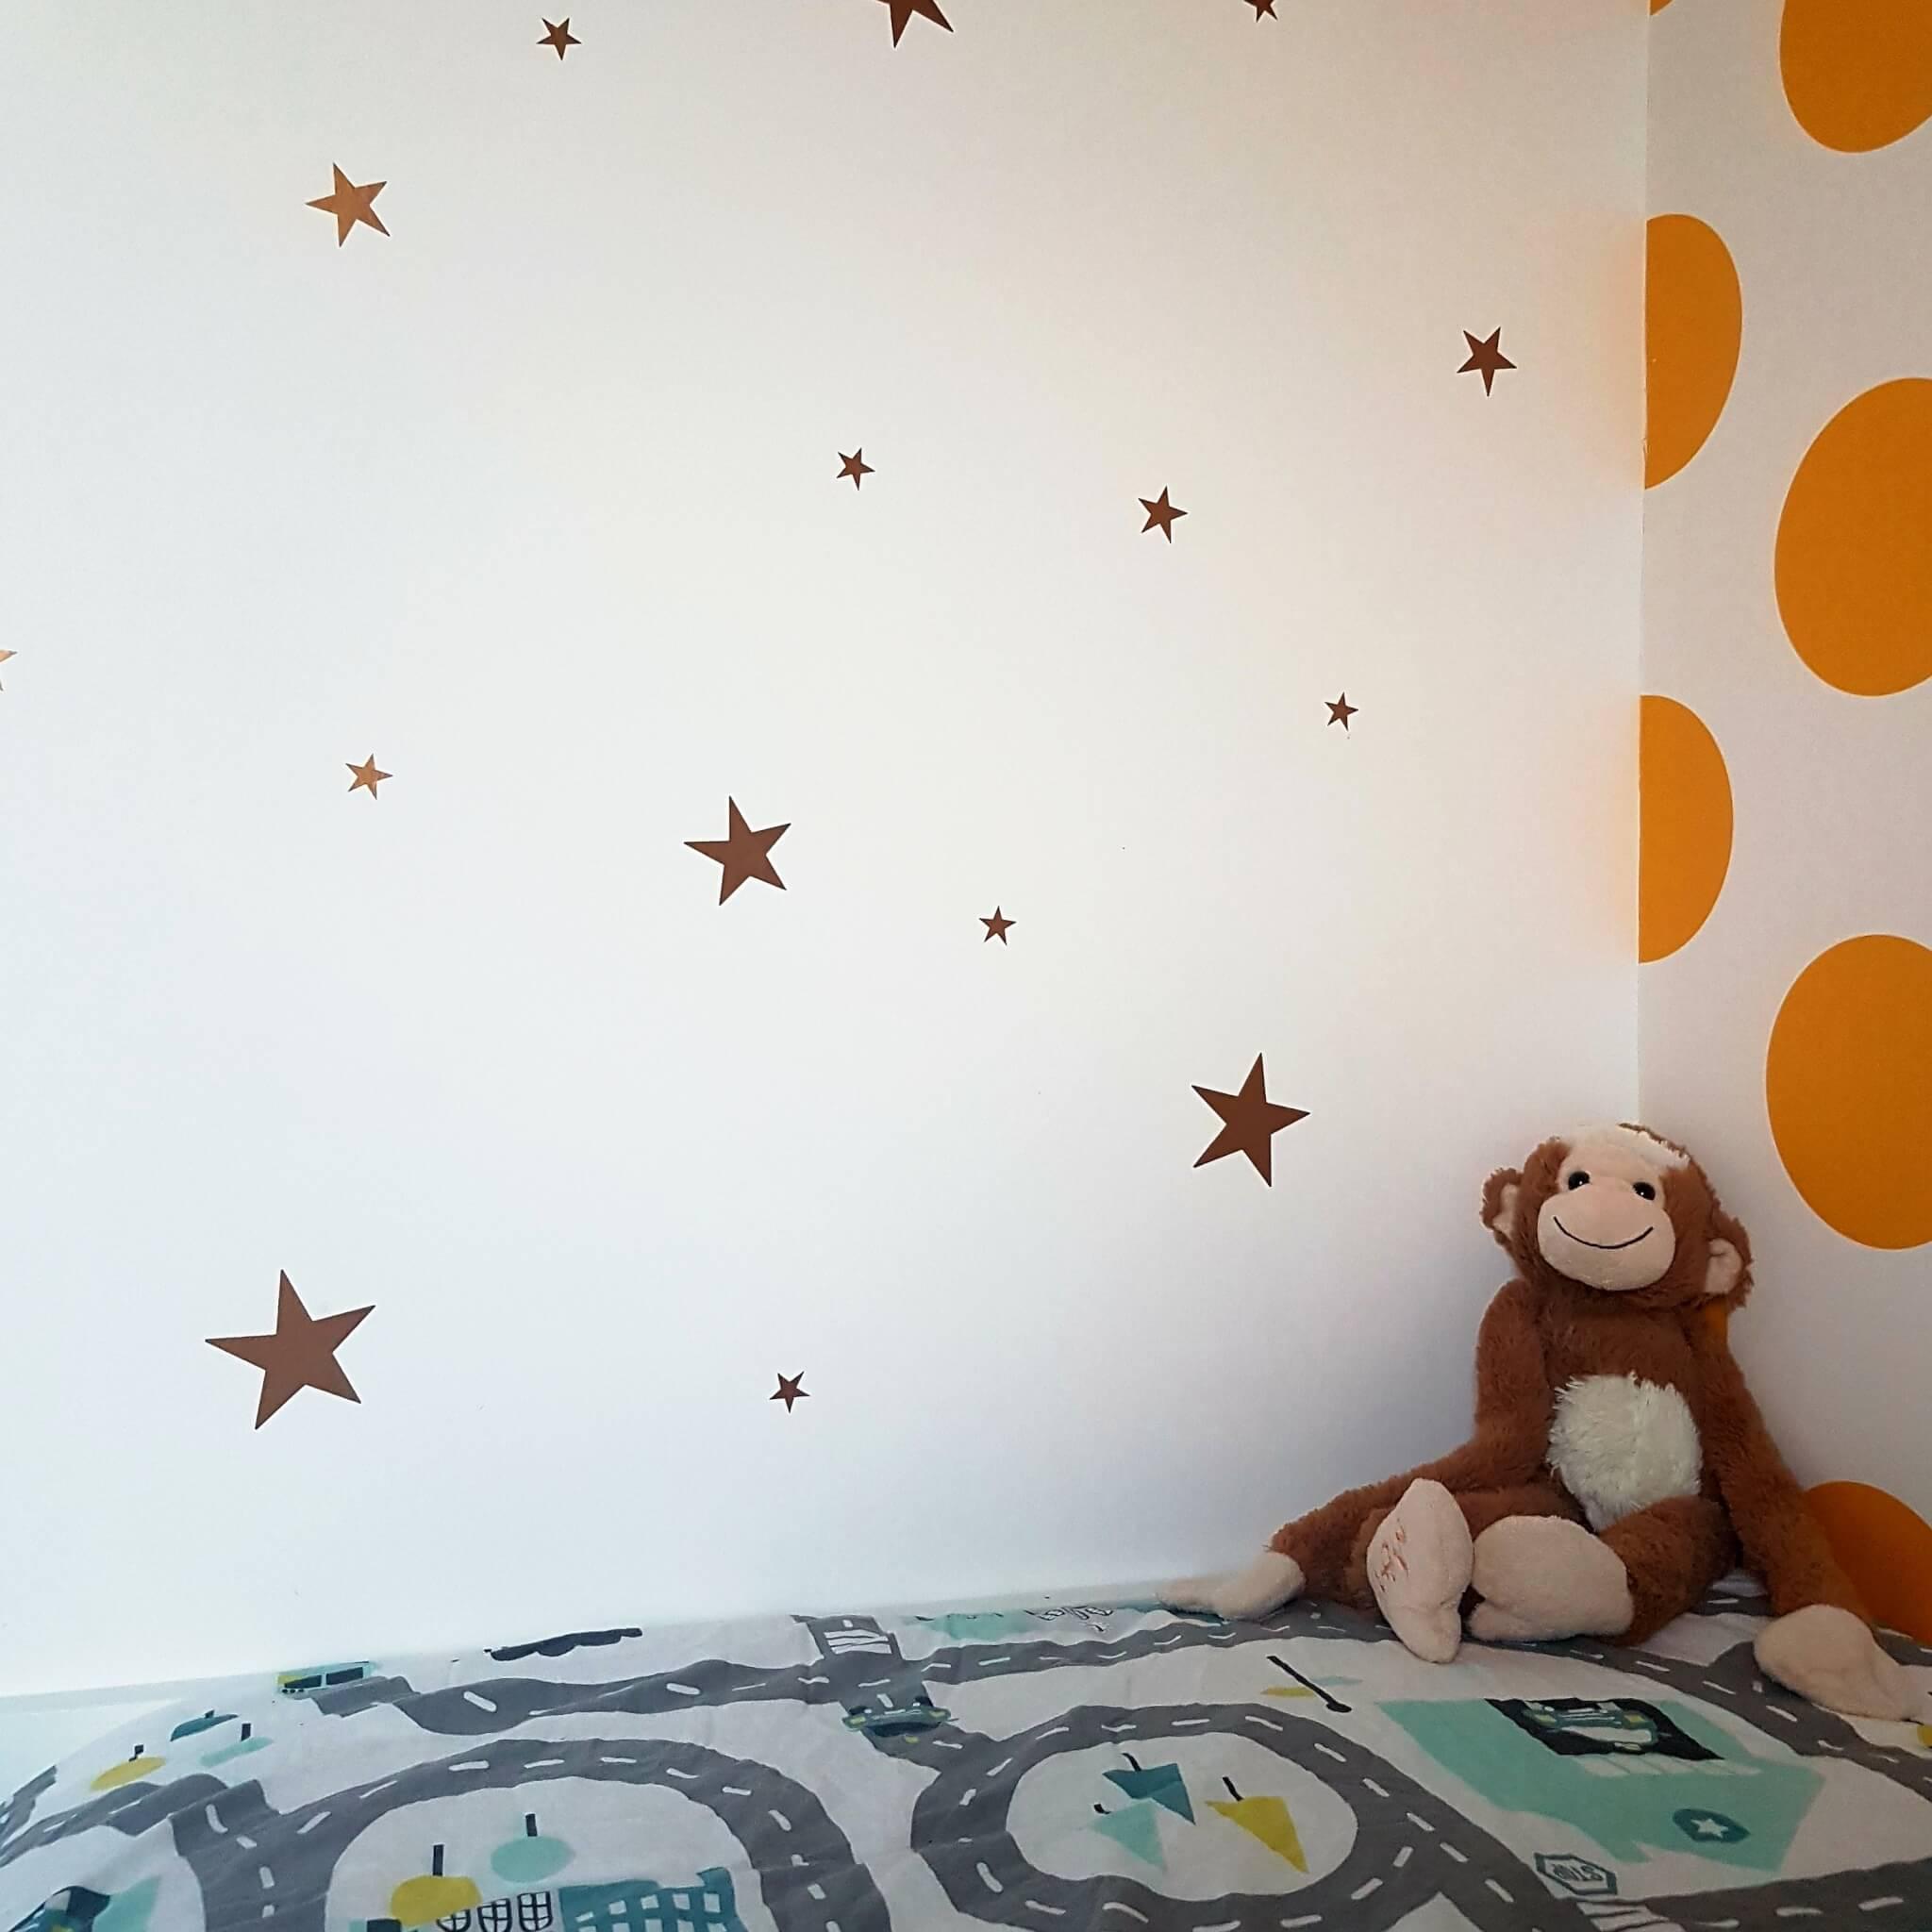 Behang en muurstickers: de leukste keuzes voor de kinderkamer - Ferm living gouden sterren muurstickers koperen sterren